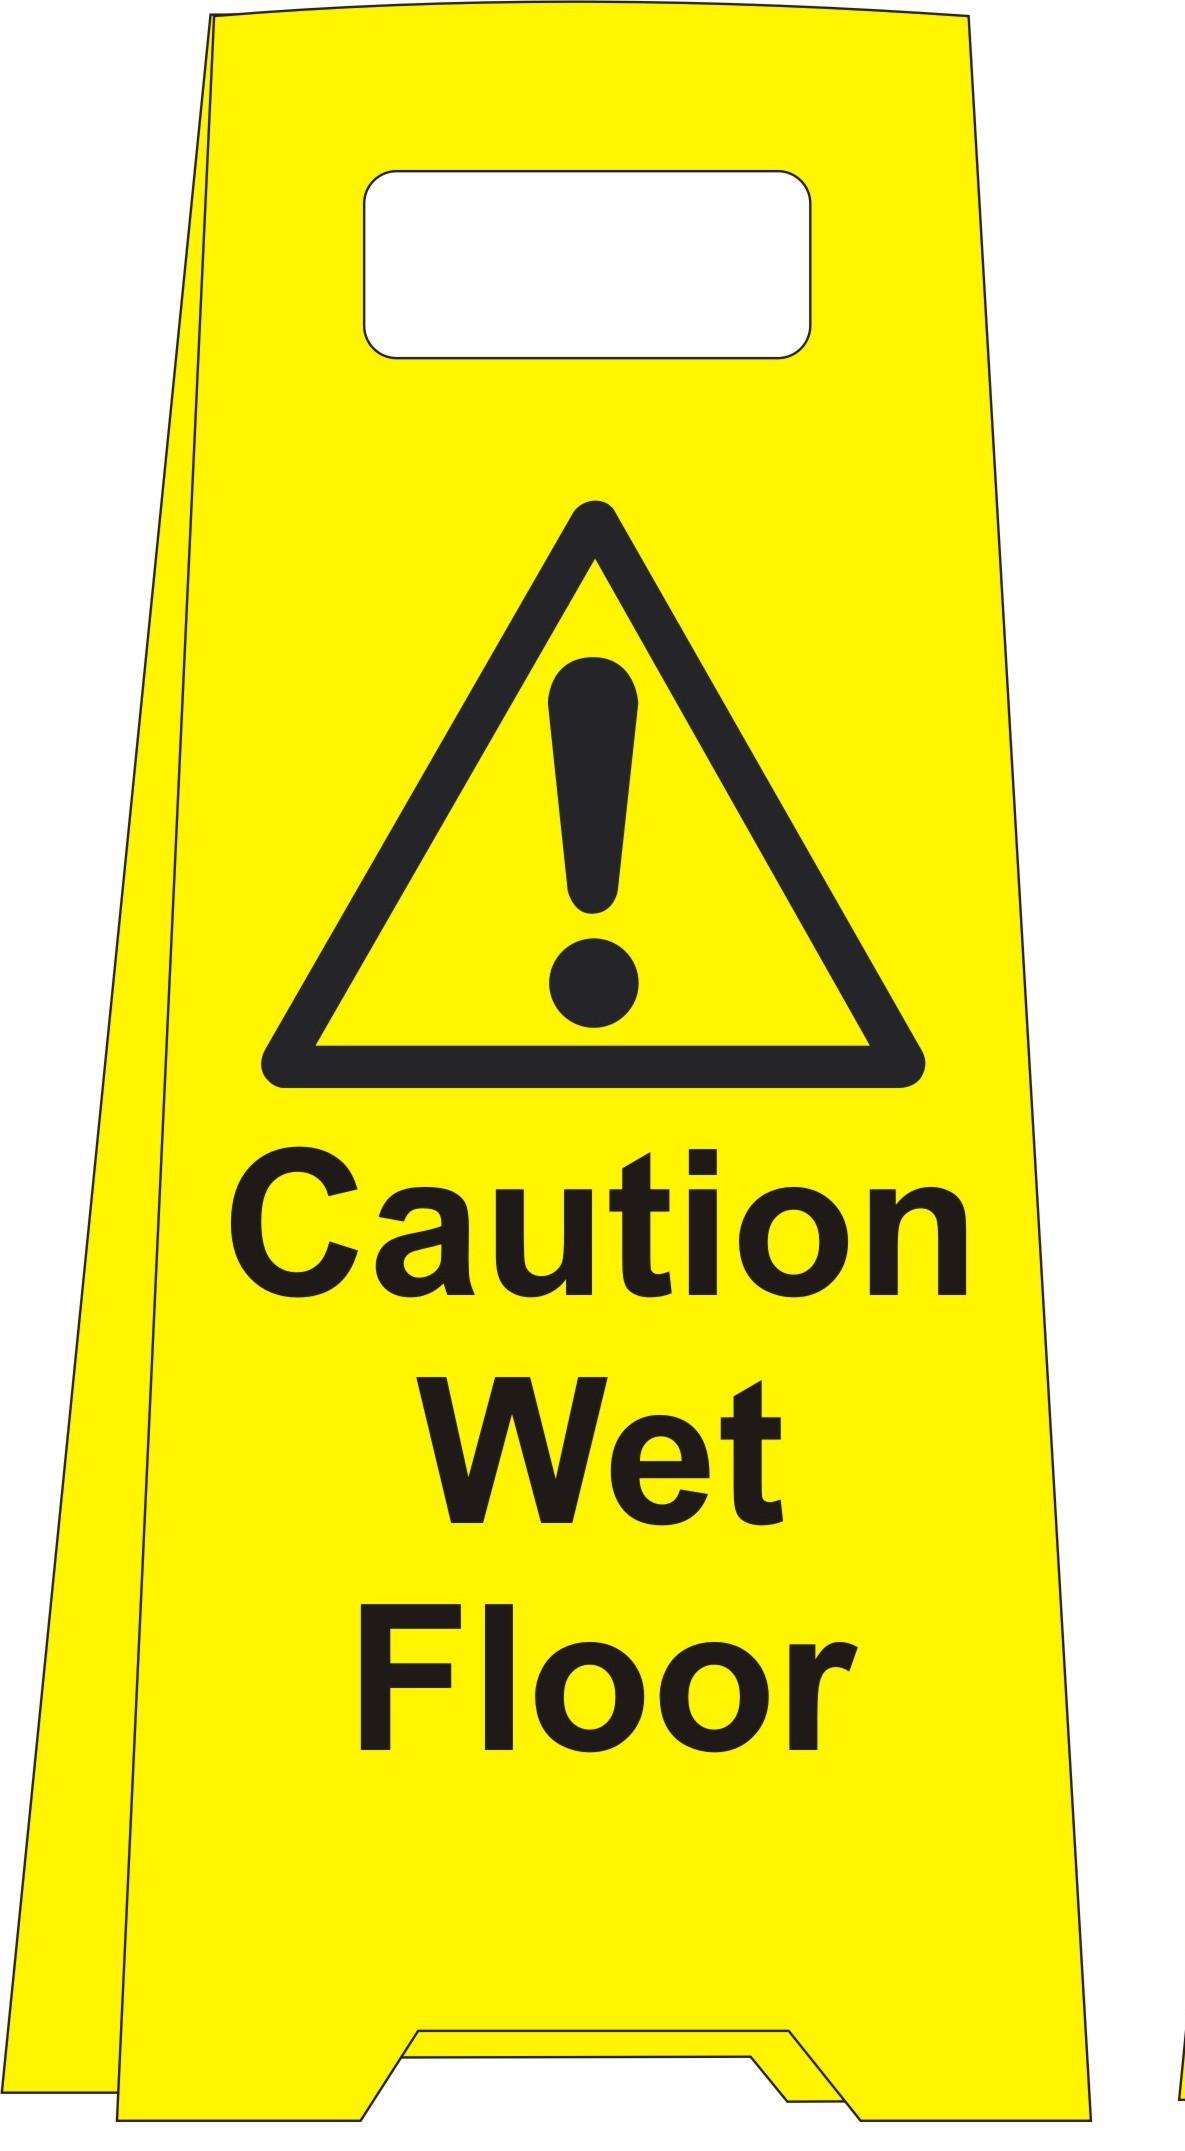 Caution Wet Floor Floor standing sign